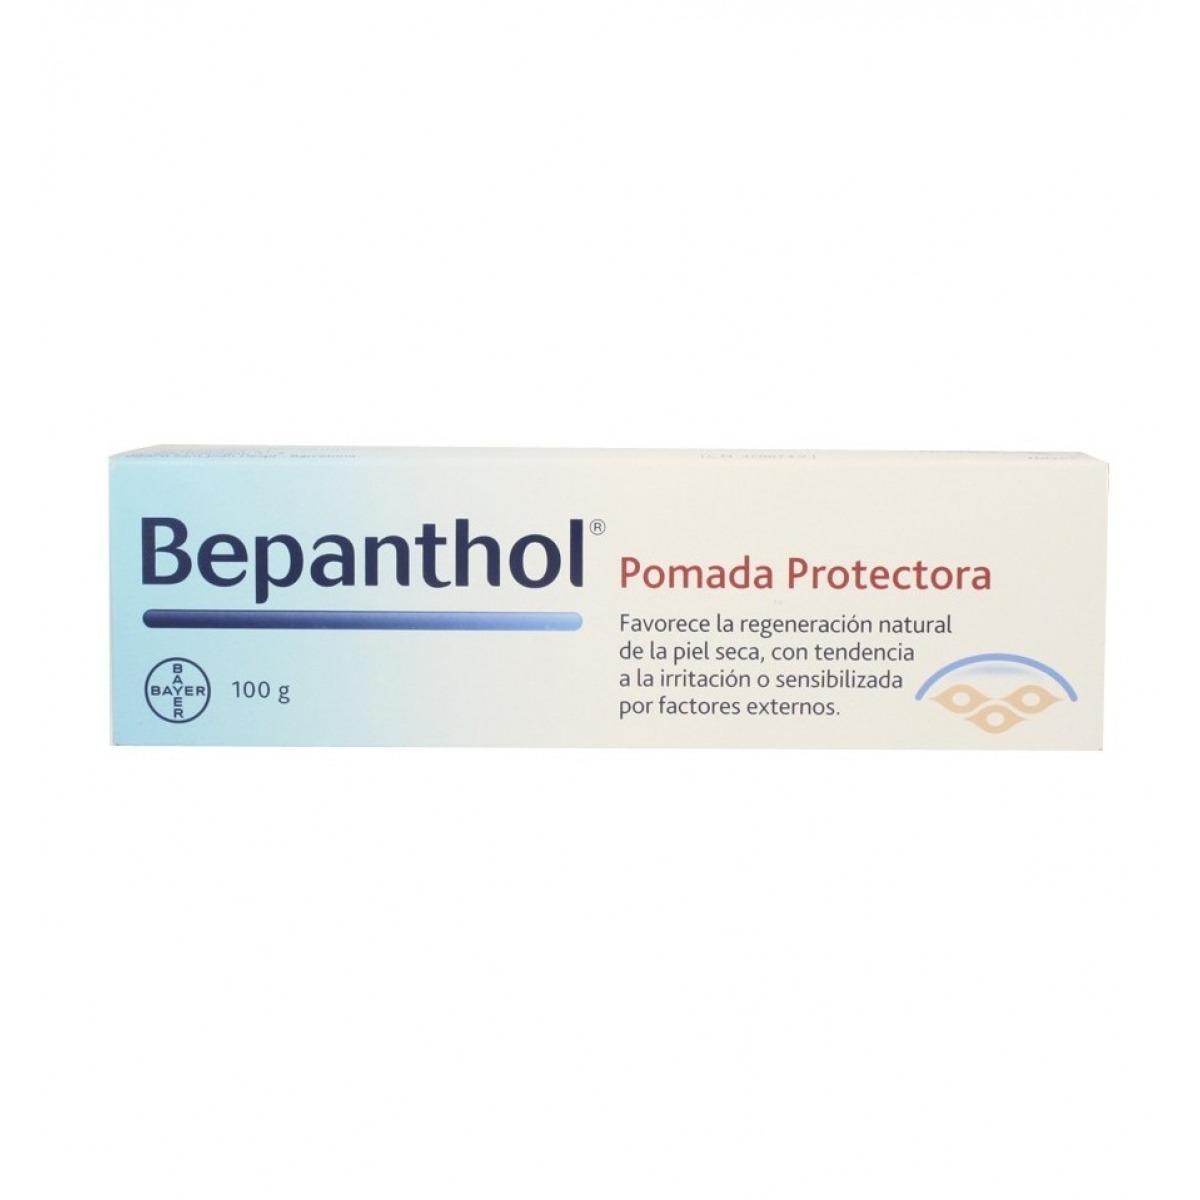 BEPANTHOLPOMADA100G I1